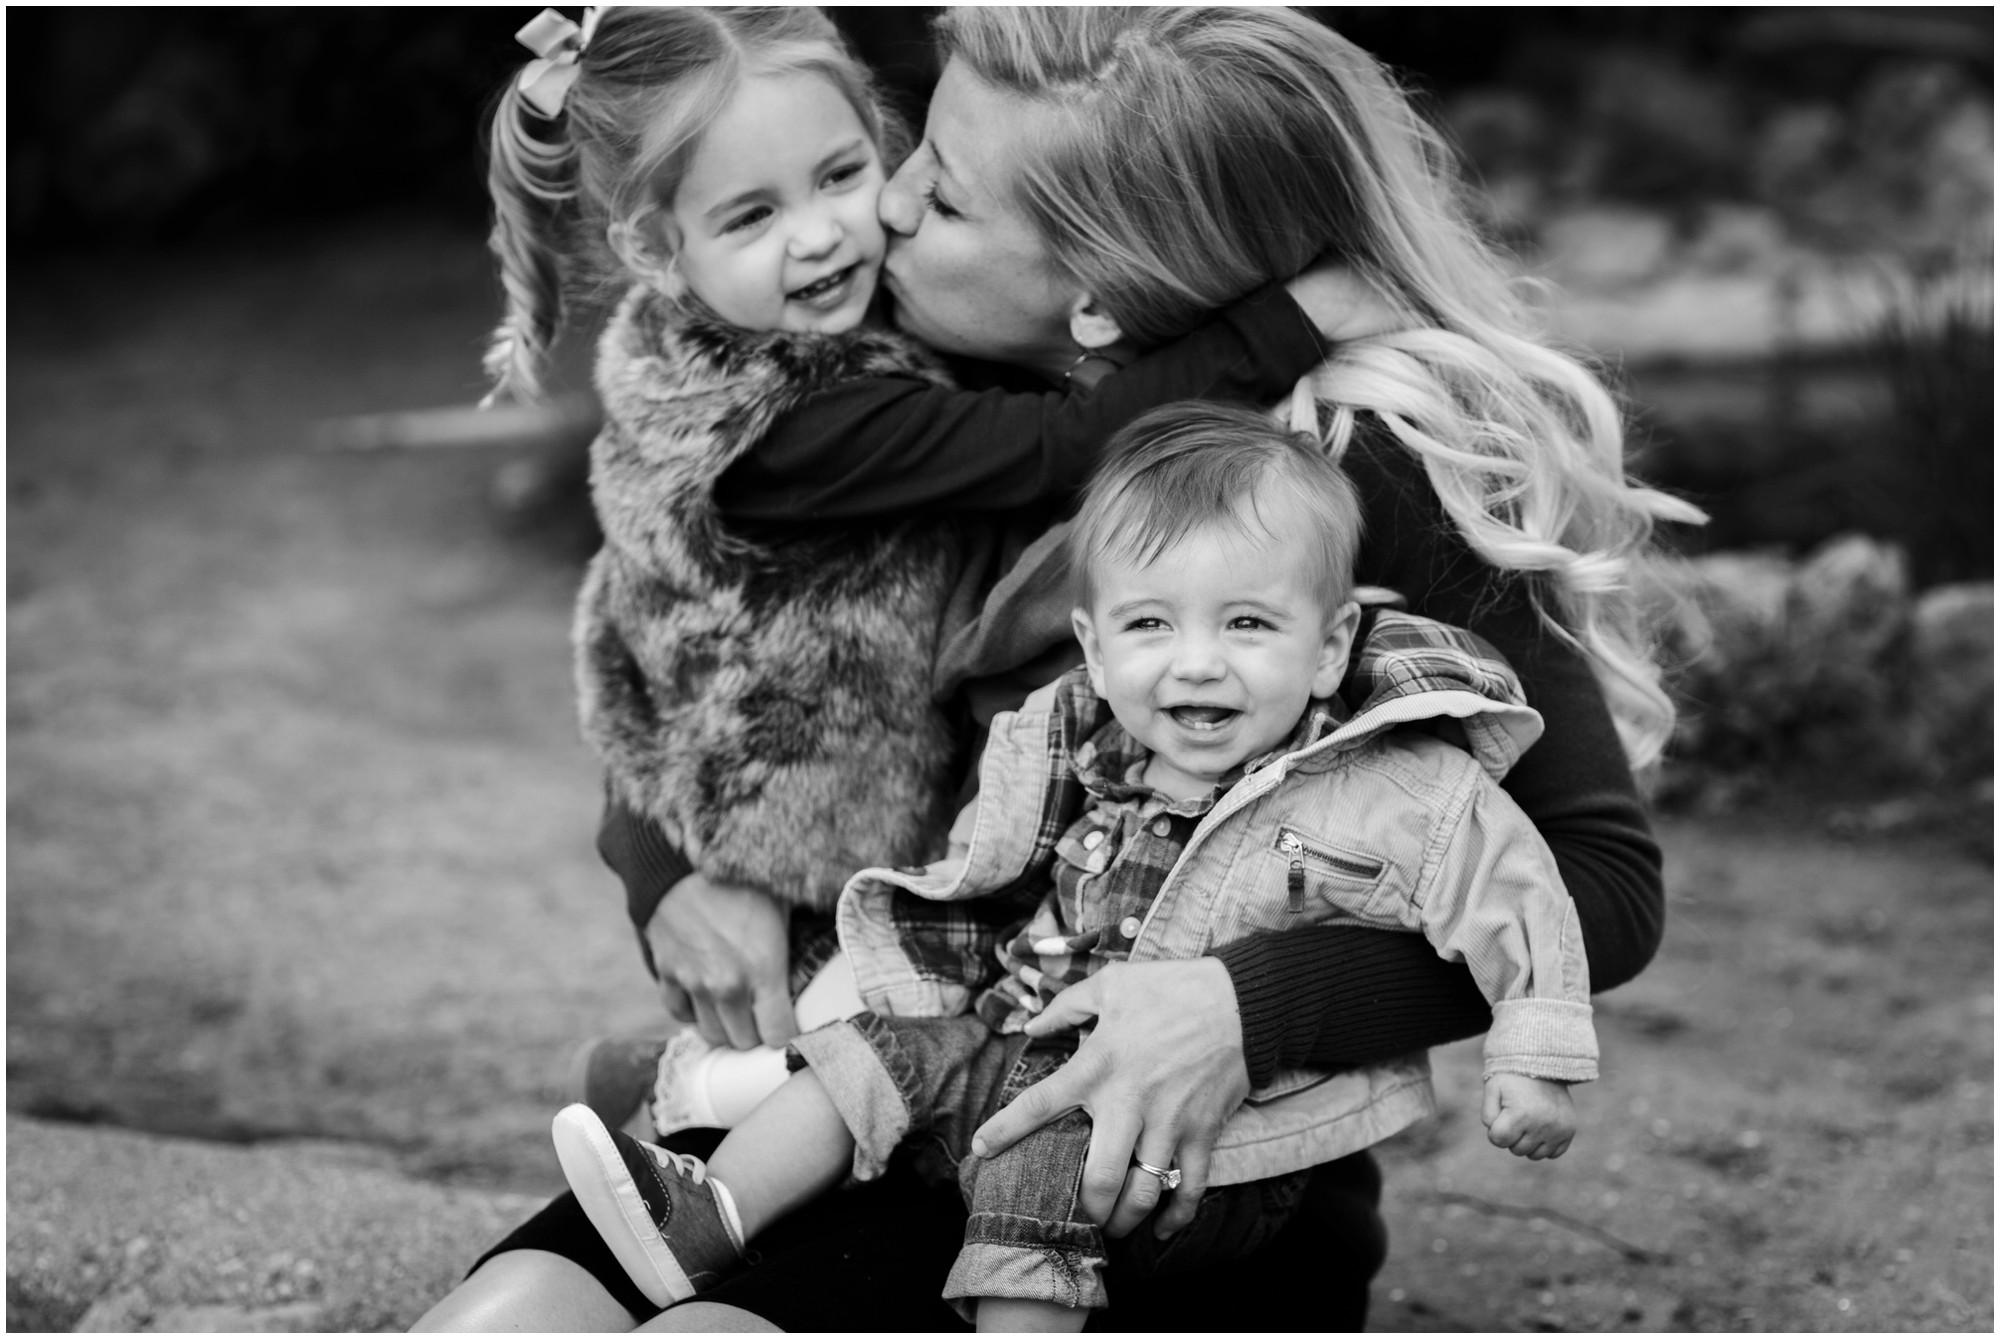 05-Denver-Red-rocks-family-photography-bw.jpg